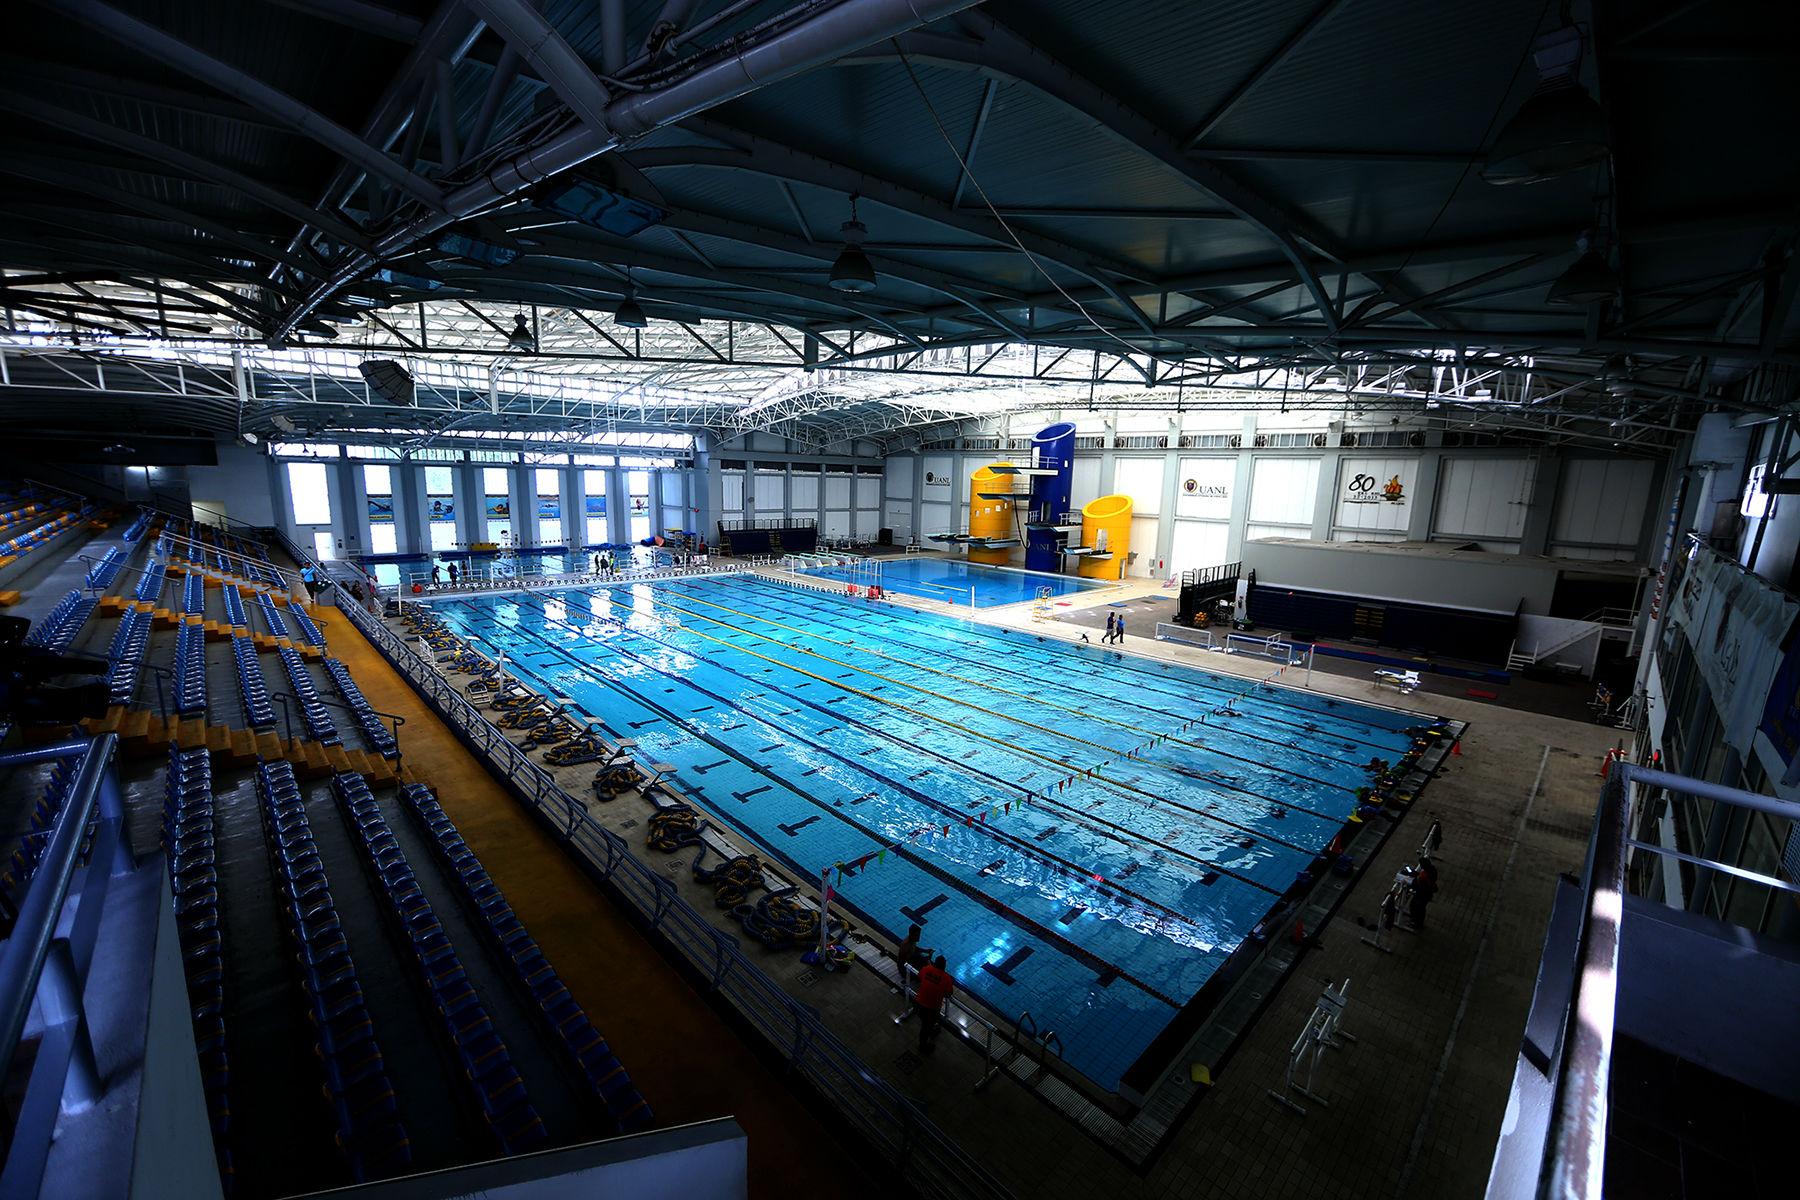 Instalaciones del Centro Acuático Olímpico Universitario